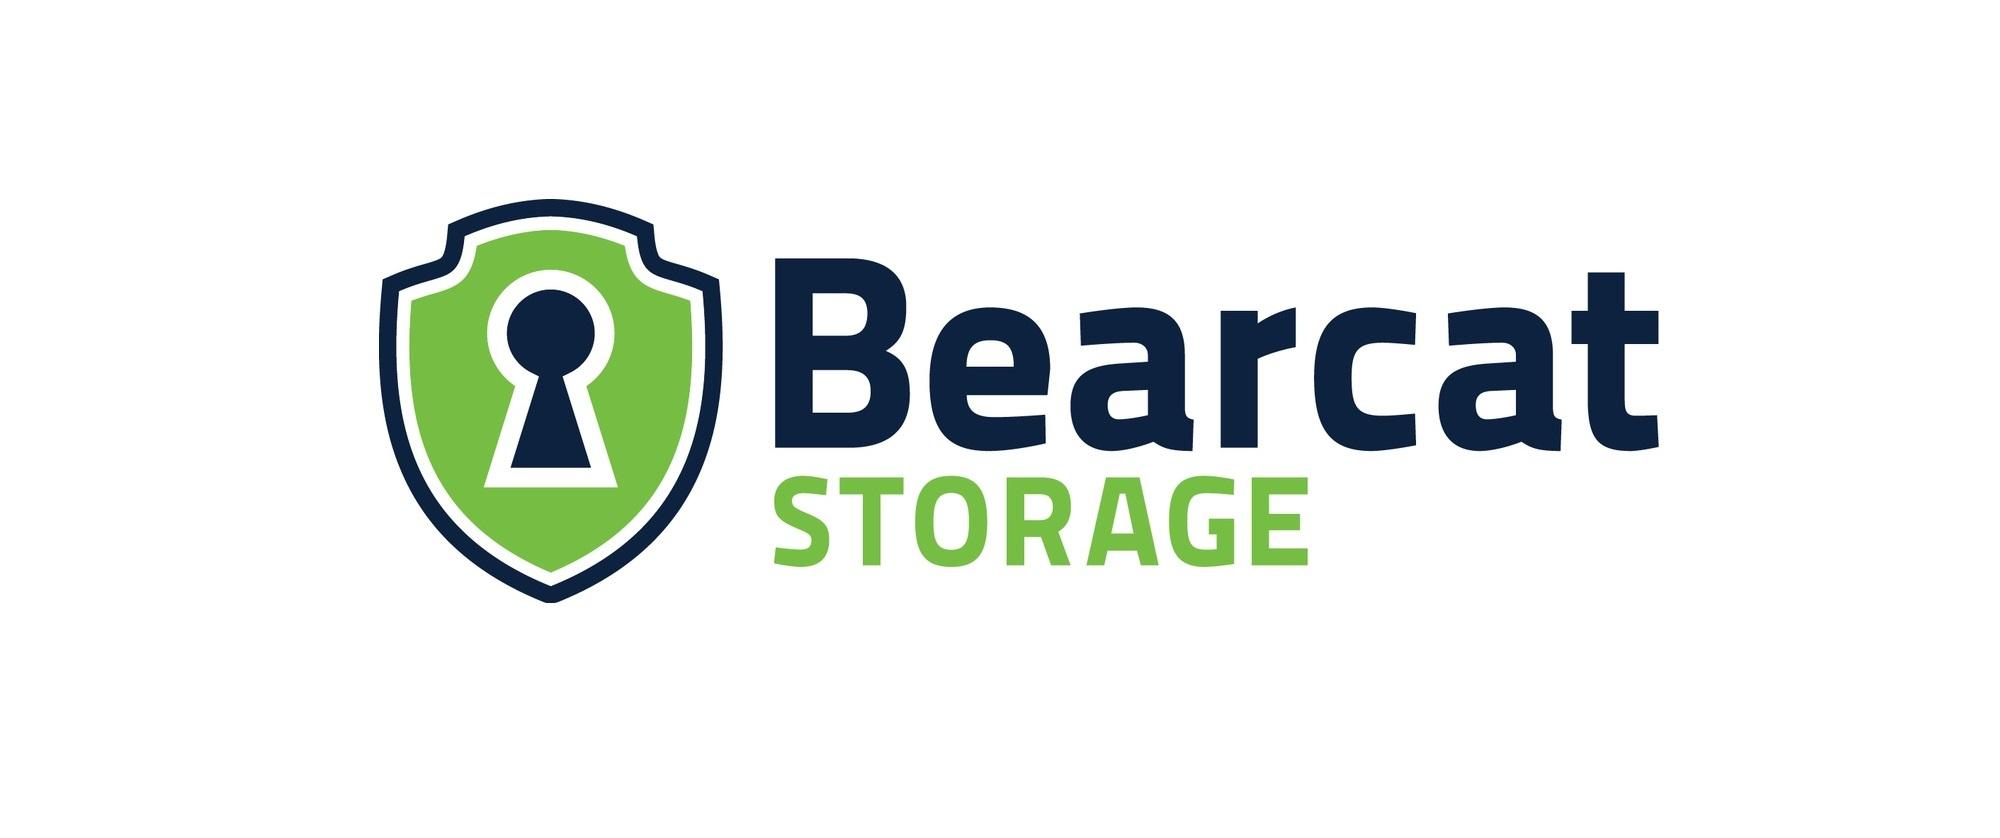 Bearcat Storage – Delhi Town Center